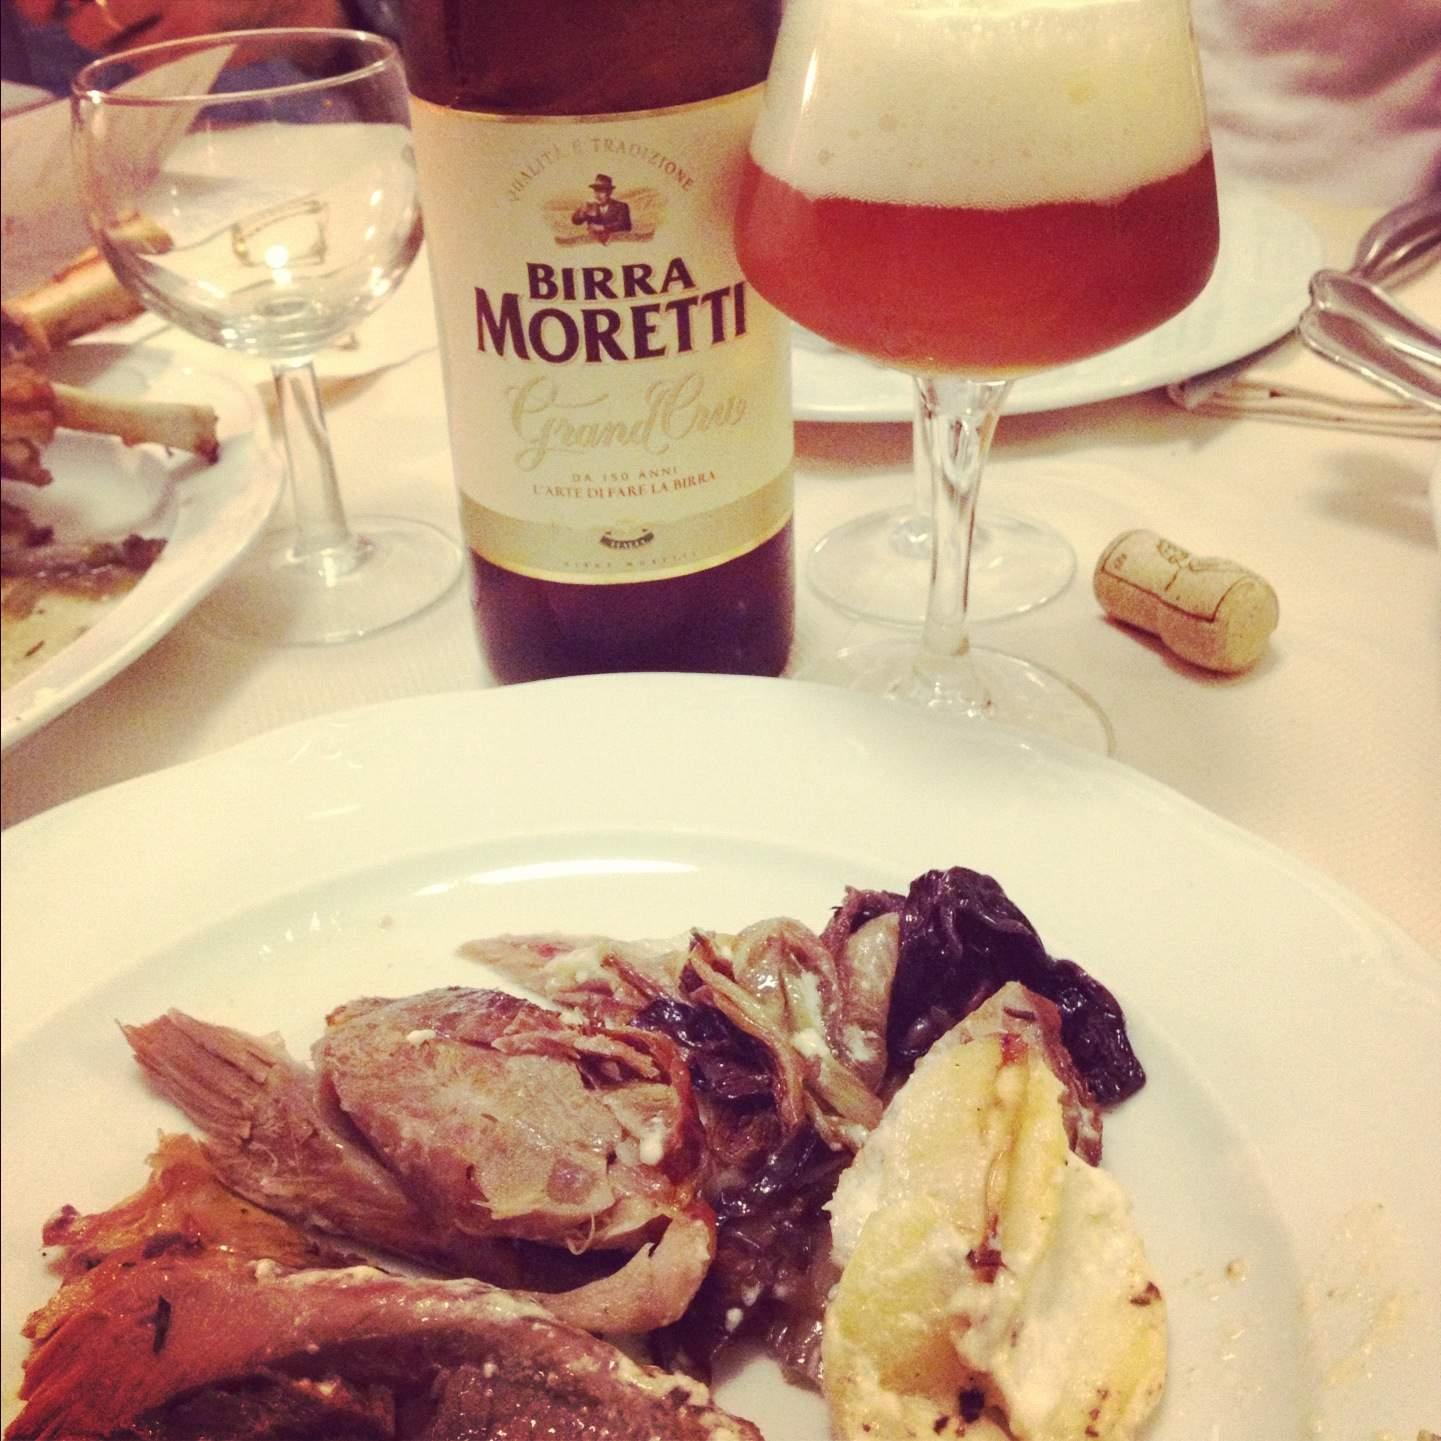 iLoveBeer: tra birra, chiacchiere e cultura italiana del bere 4